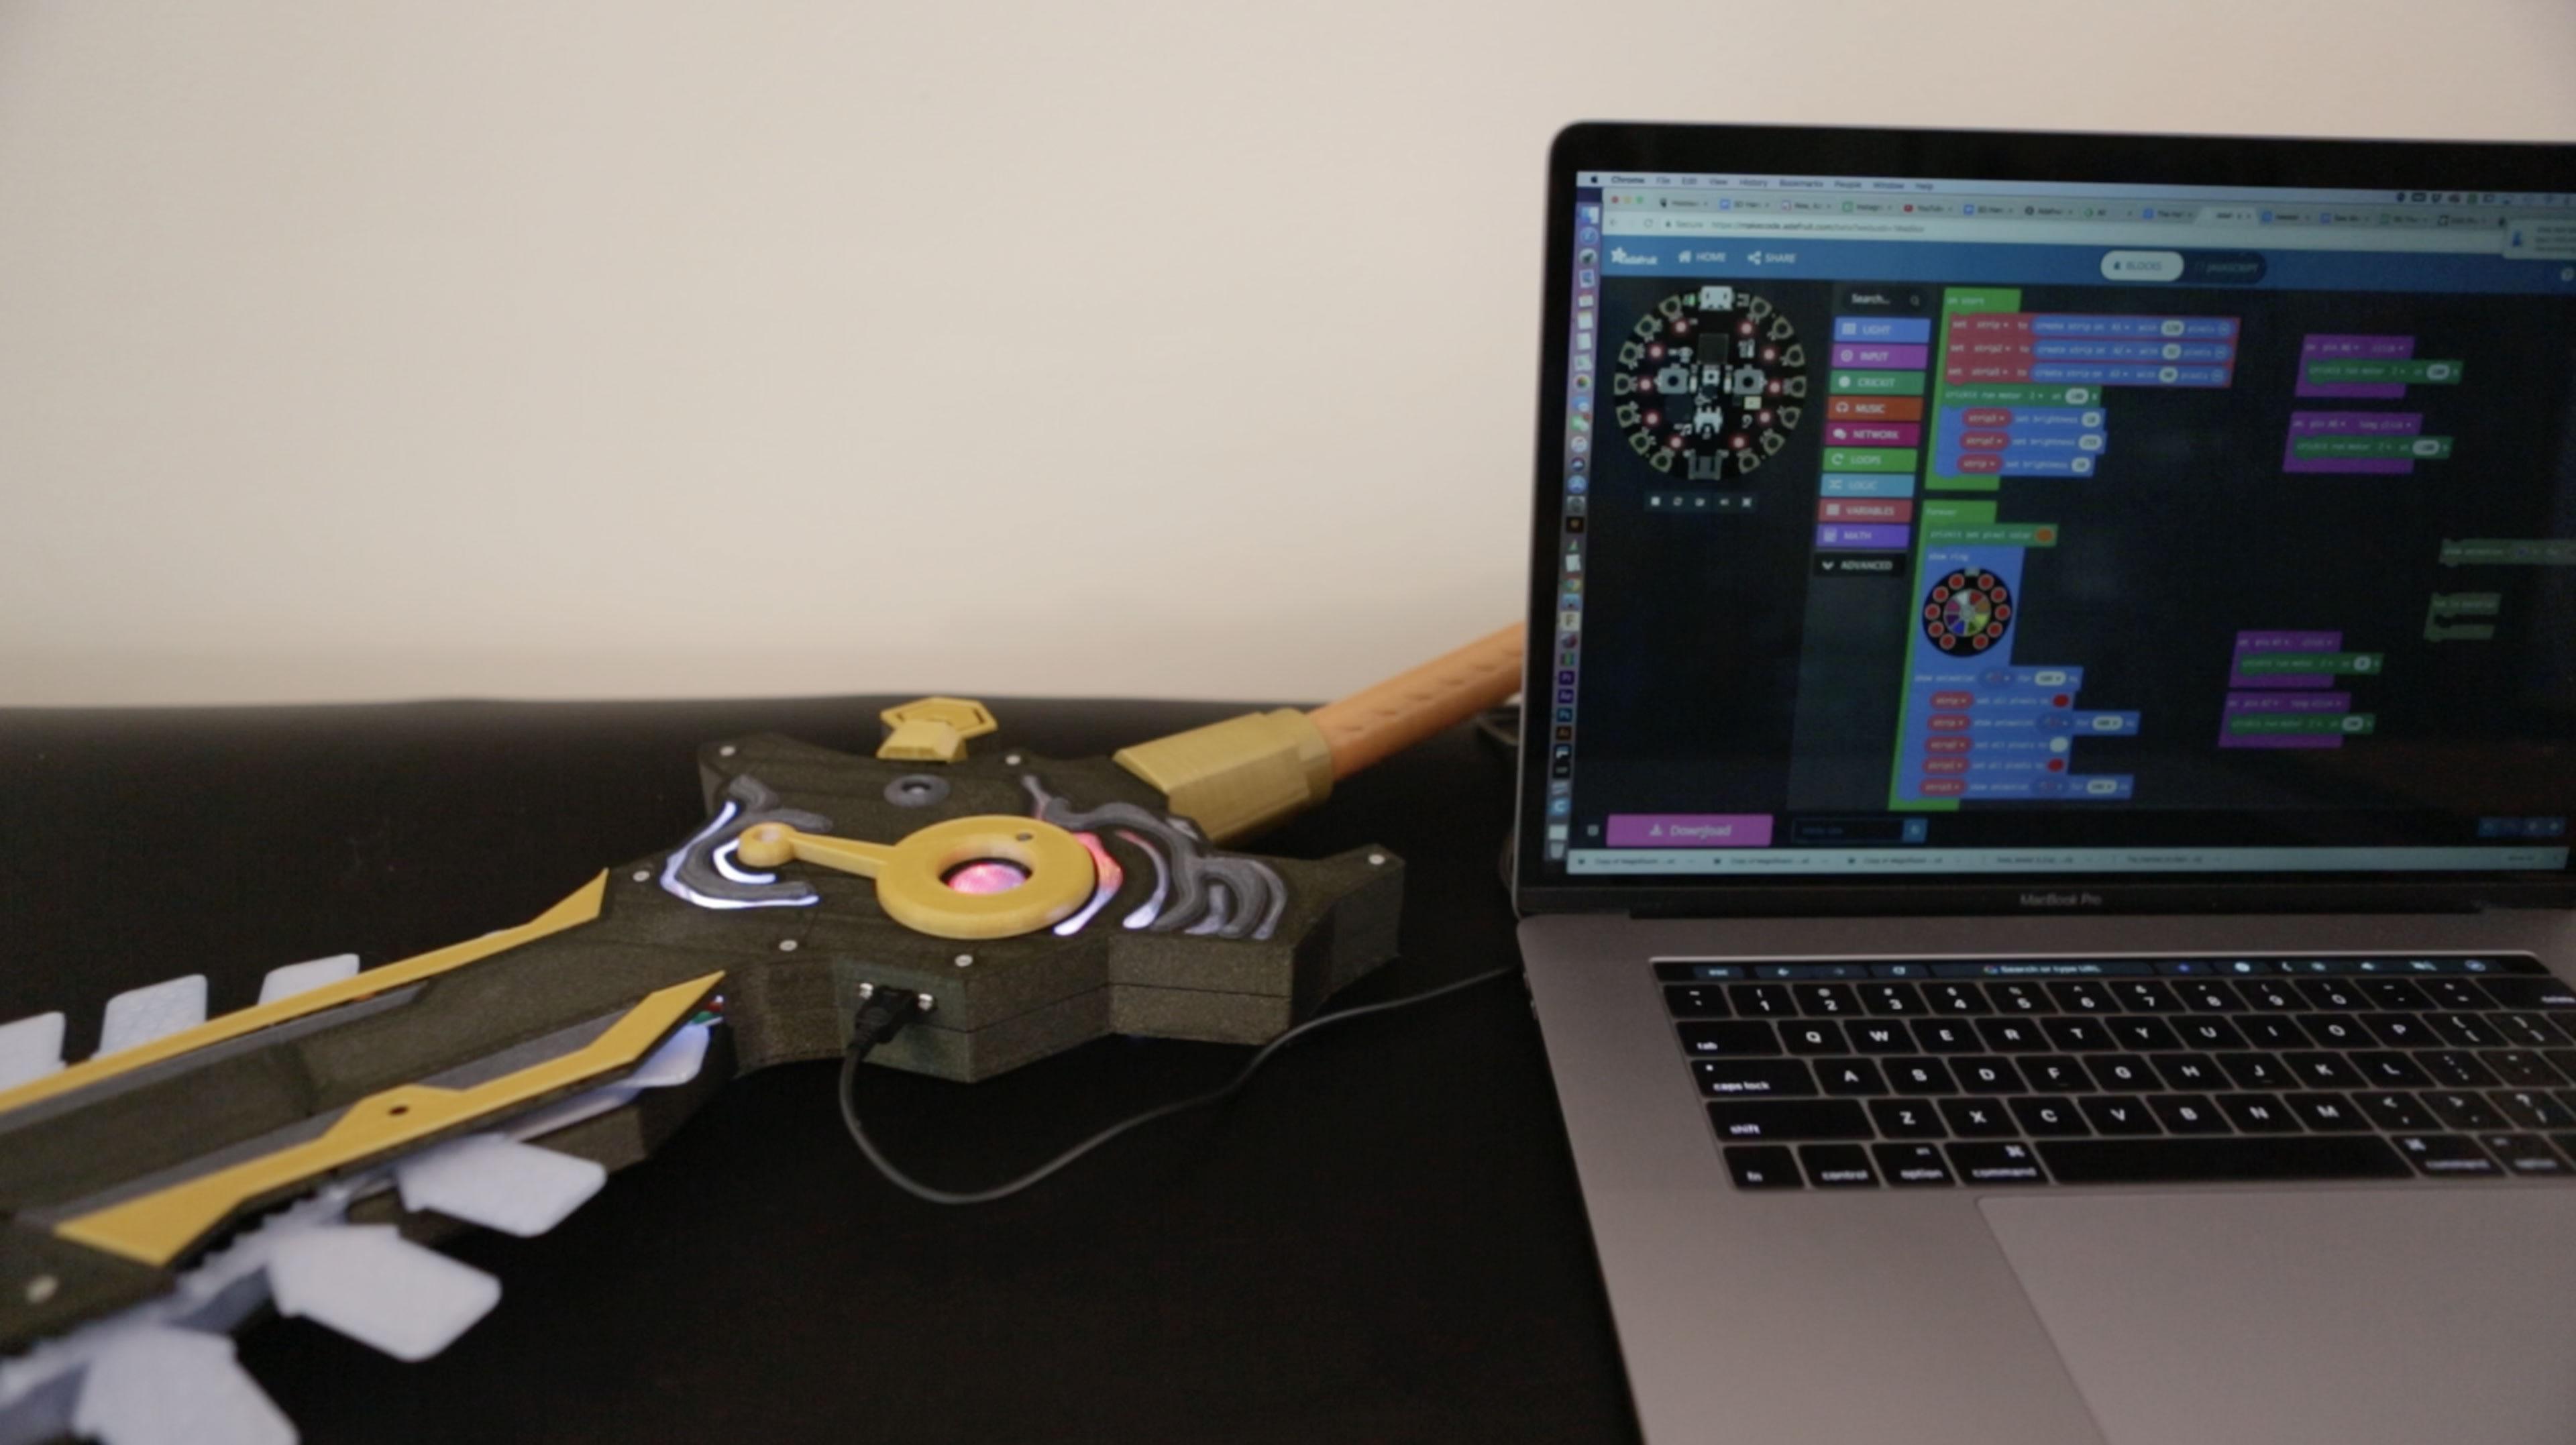 3d_printing_makecode-blade.jpg